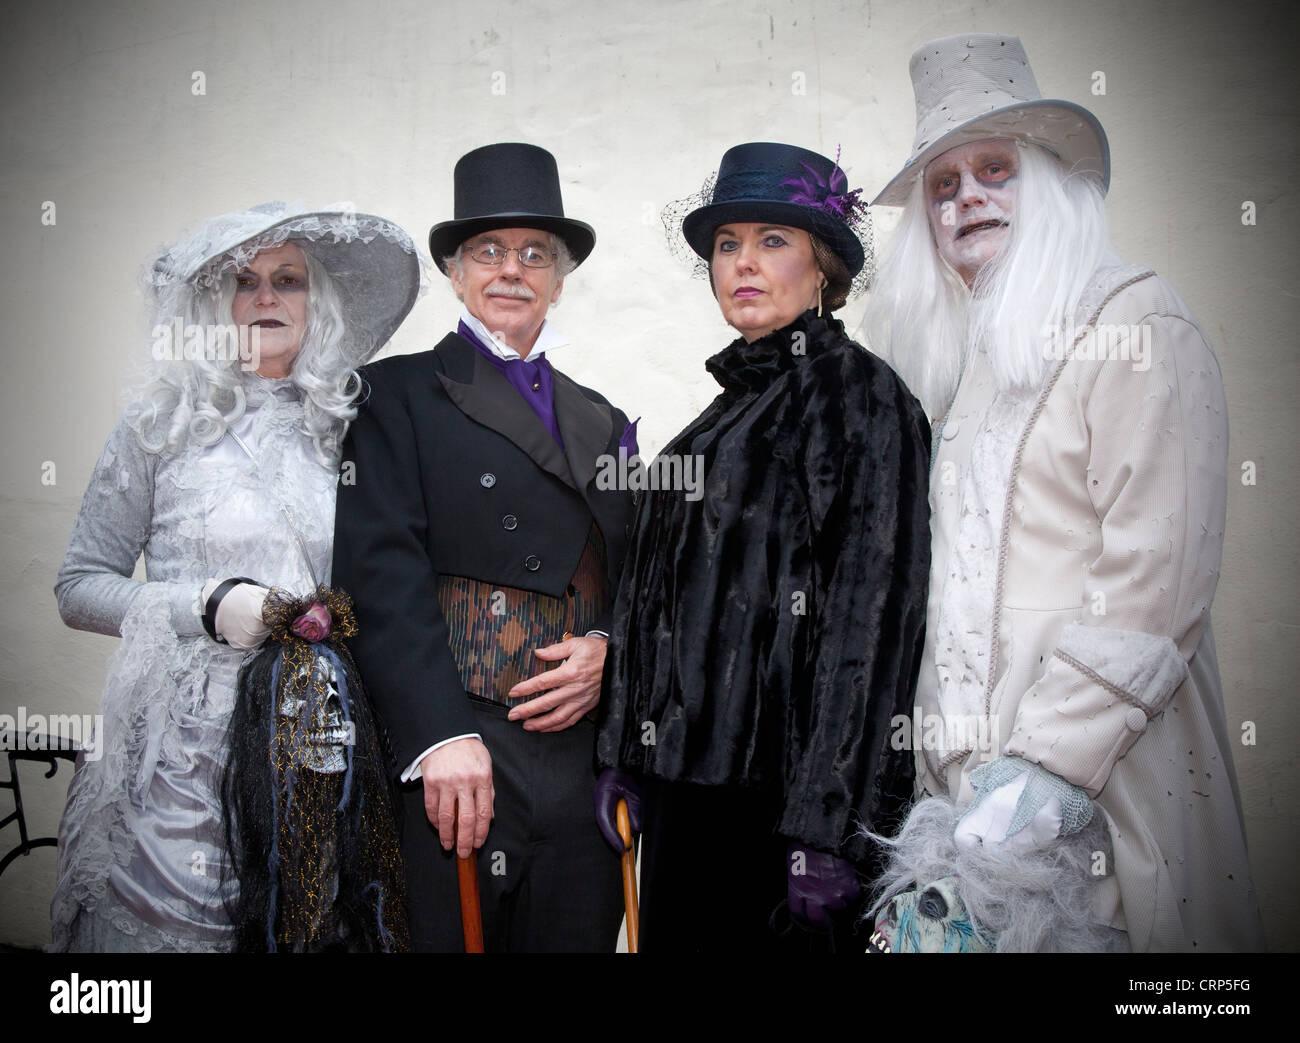 Menschen in finsteren Kleidung verkleidet für das Whitby Gothic Weekend, eine zweimal jährlich stattfindende Stockbild